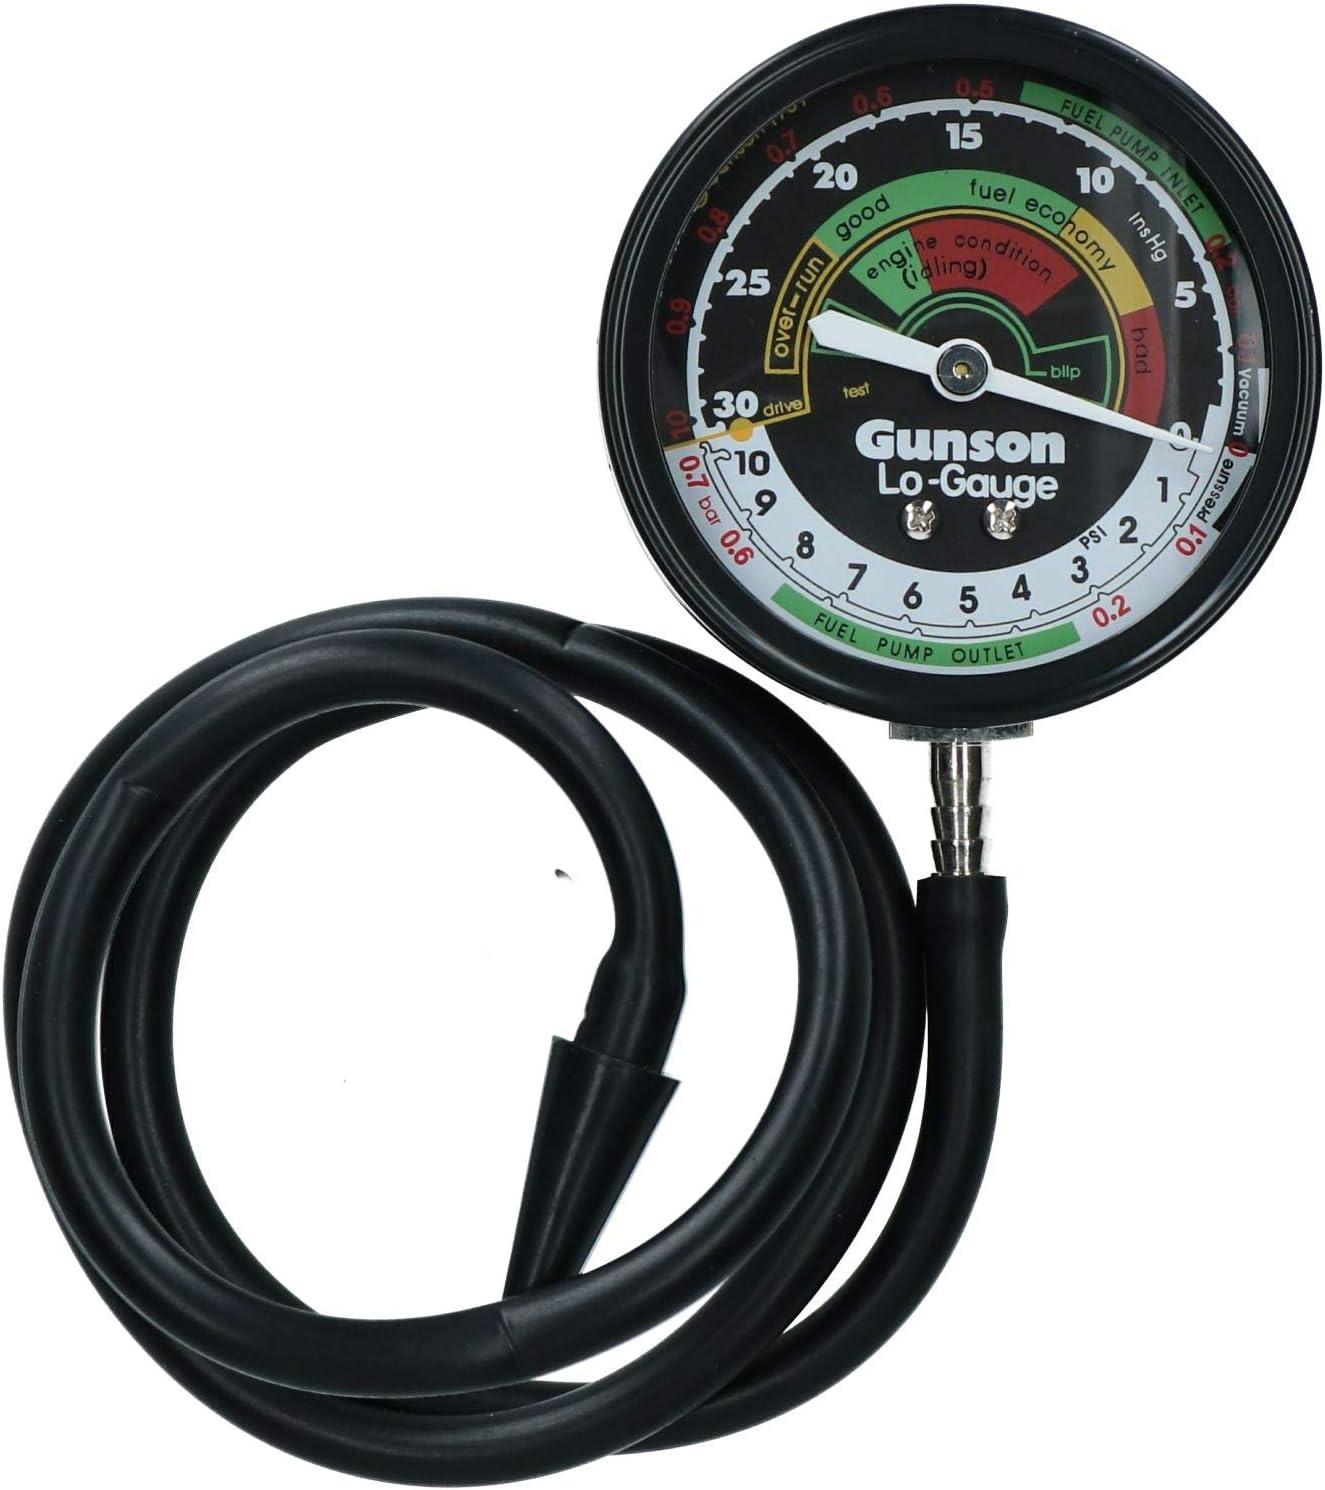 AB Tools-Laser Testeur de Pression//d/épression Gunson Panne Moteur de Pompe /à Essence//Lo-Gauge LSR5